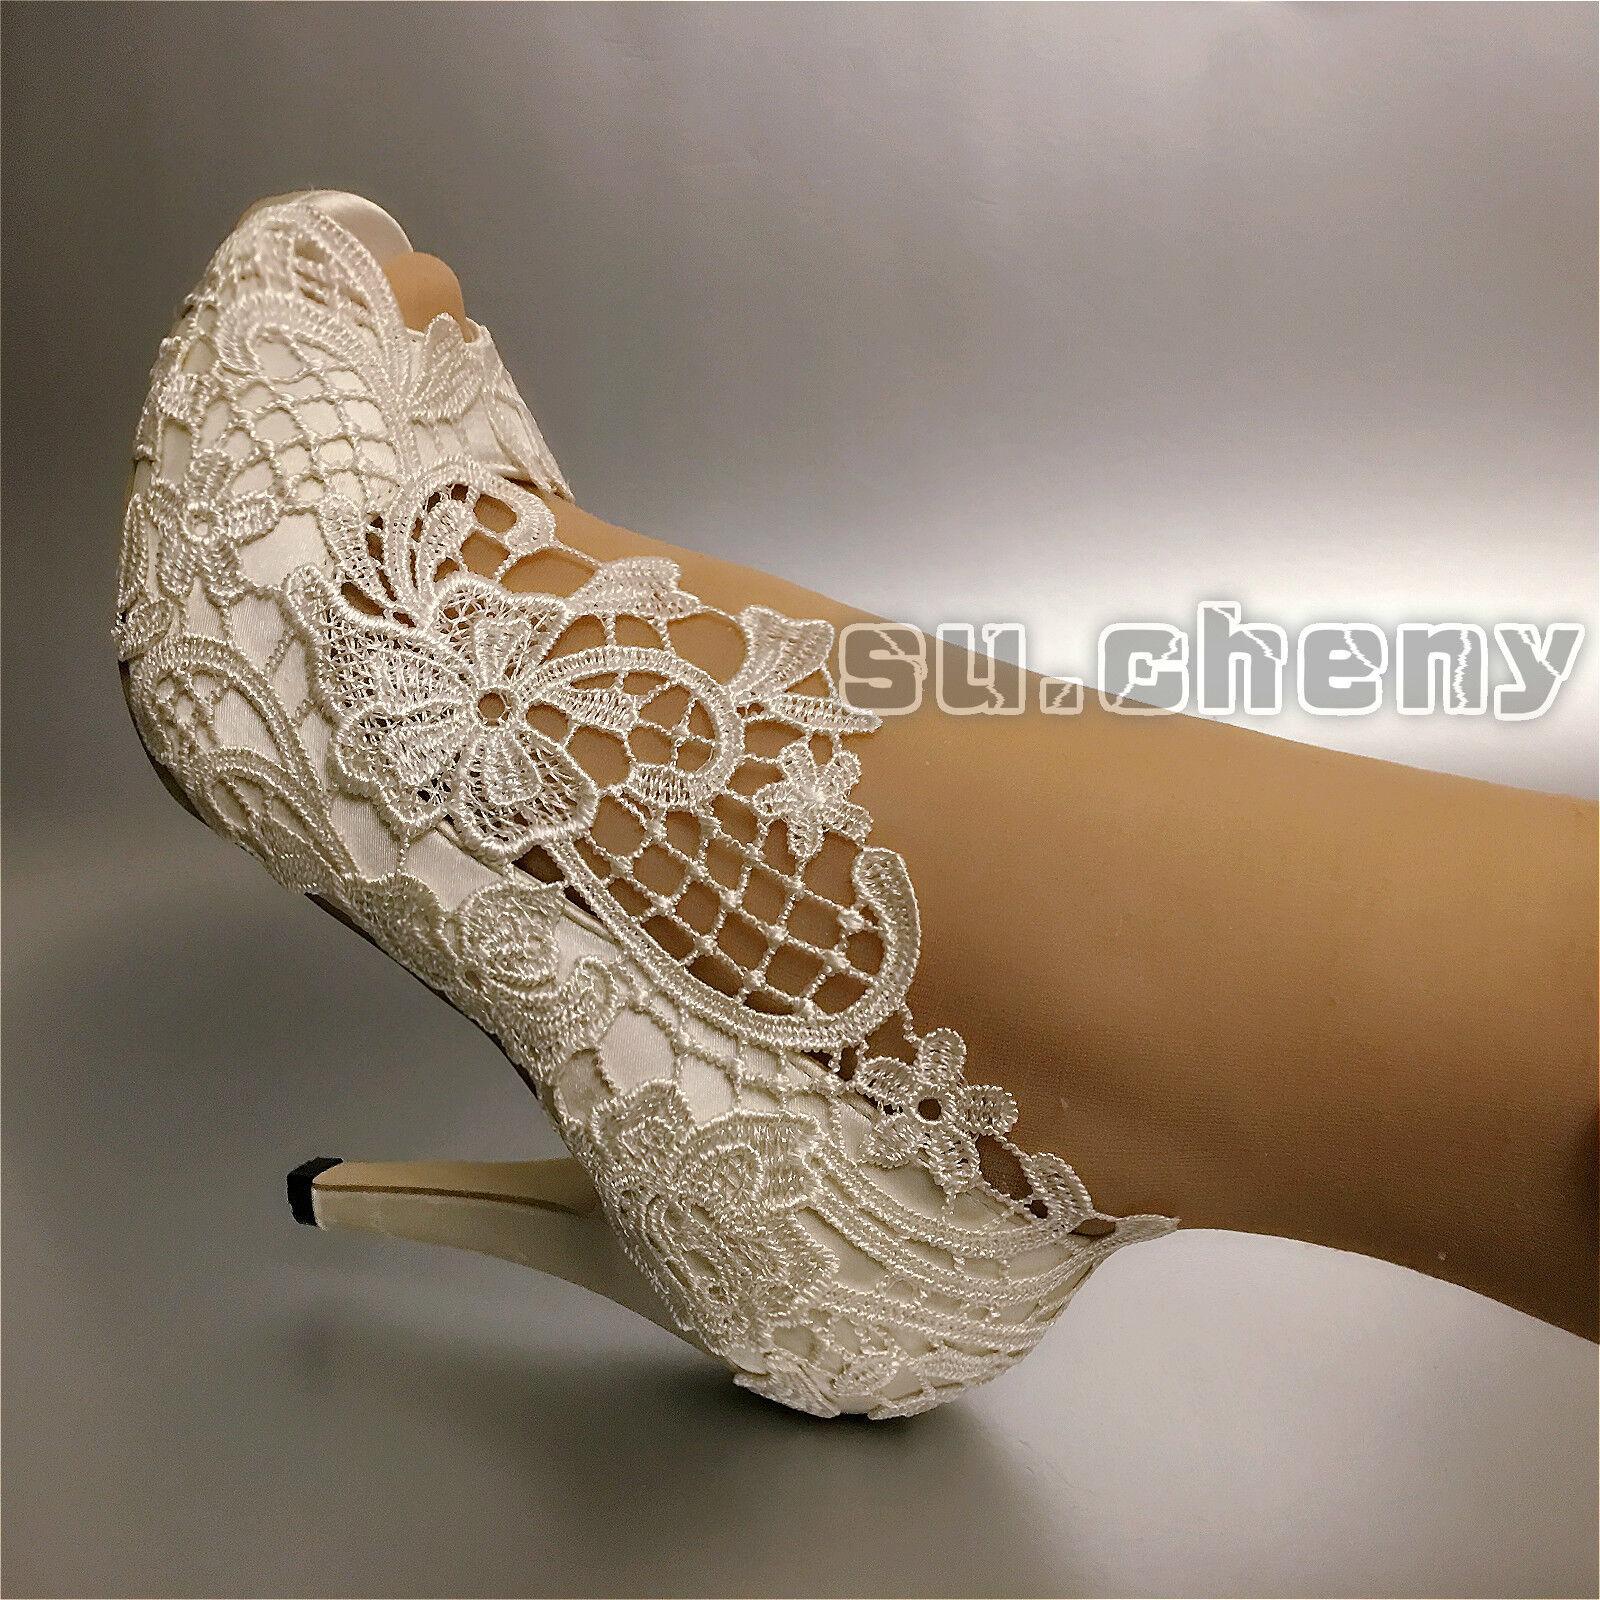 Su. Cheny 3 3 3  4  Seda Raso blancoo Marfil Bow Peep Zapatos Tacón Punta Abierta Boda Nupcial  opciones a bajo precio